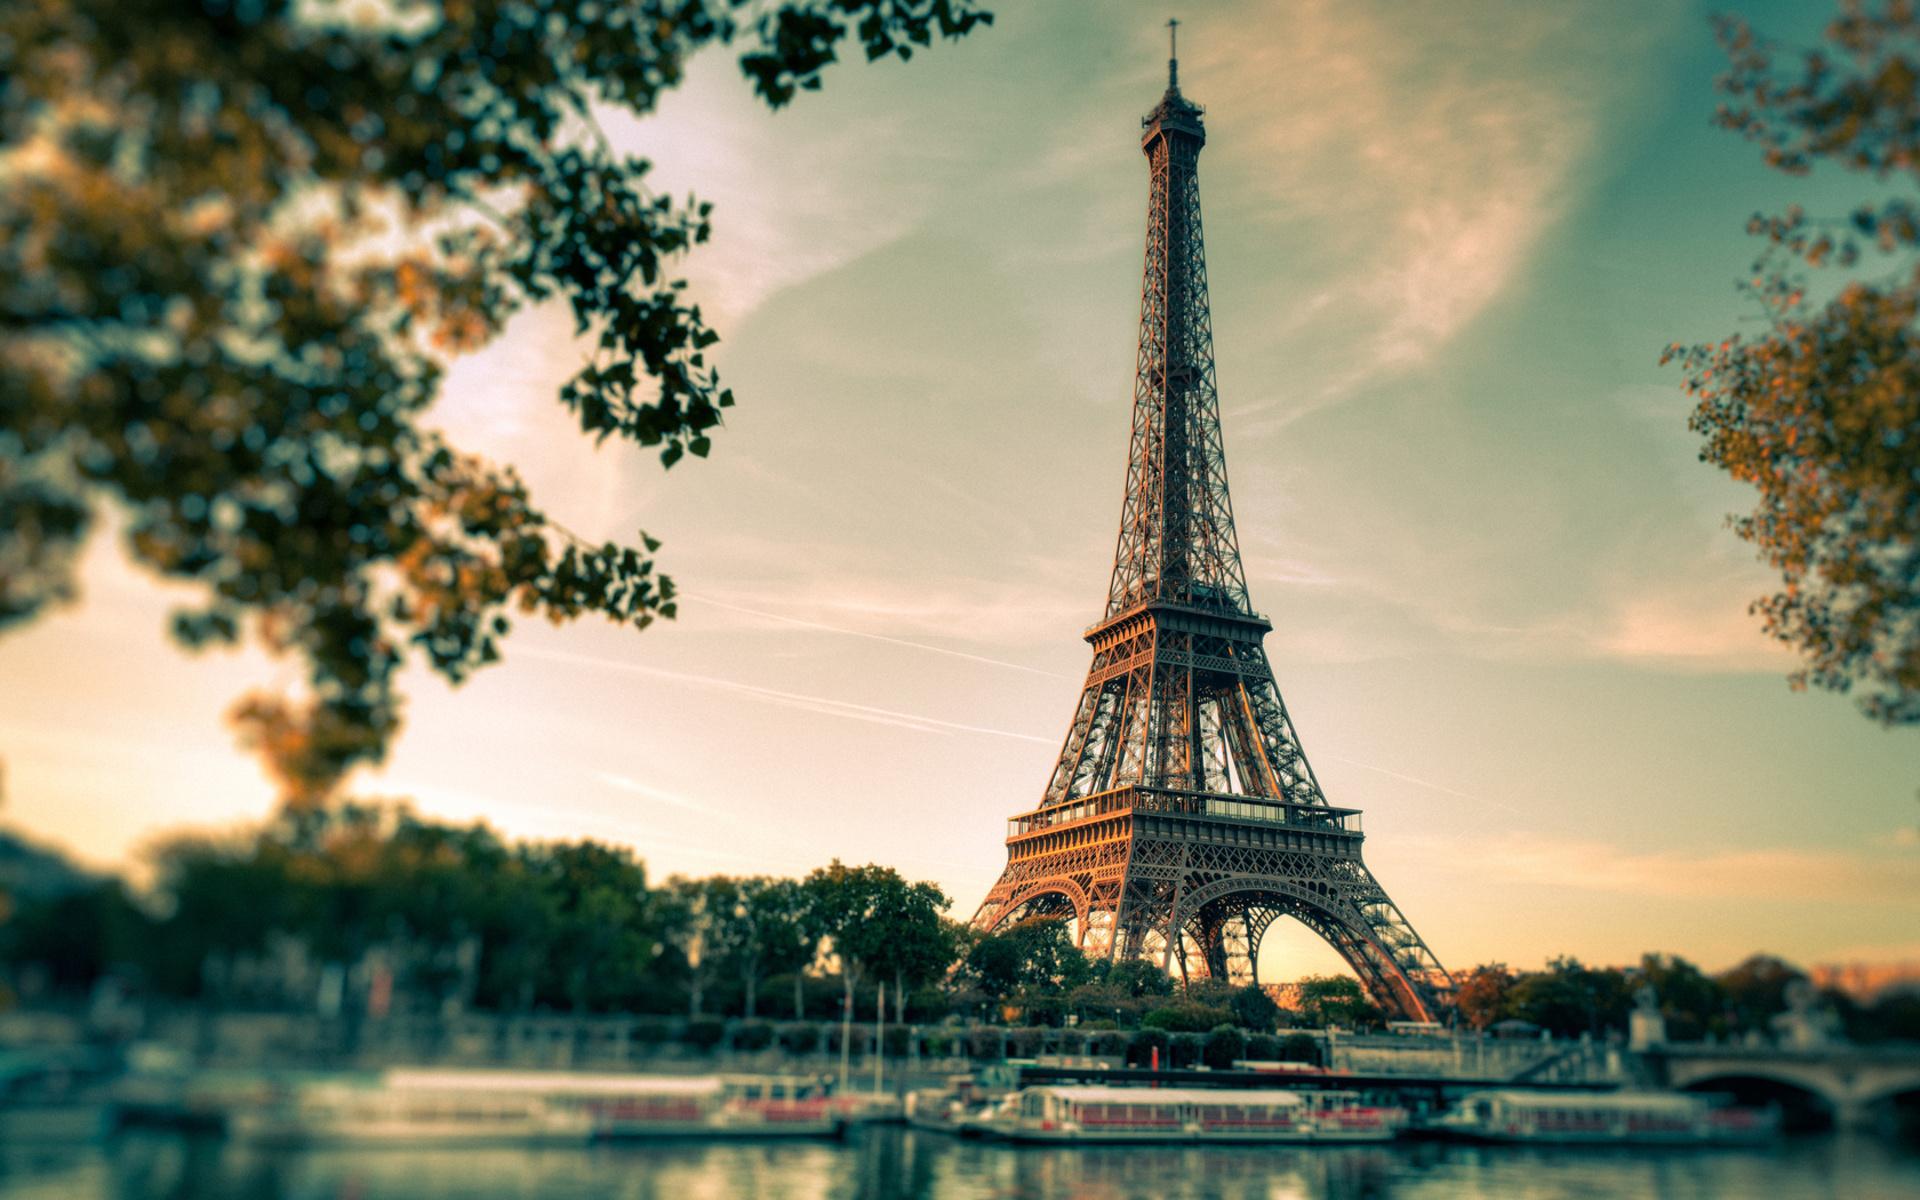 Eiffel Tower Wallpapers Hd